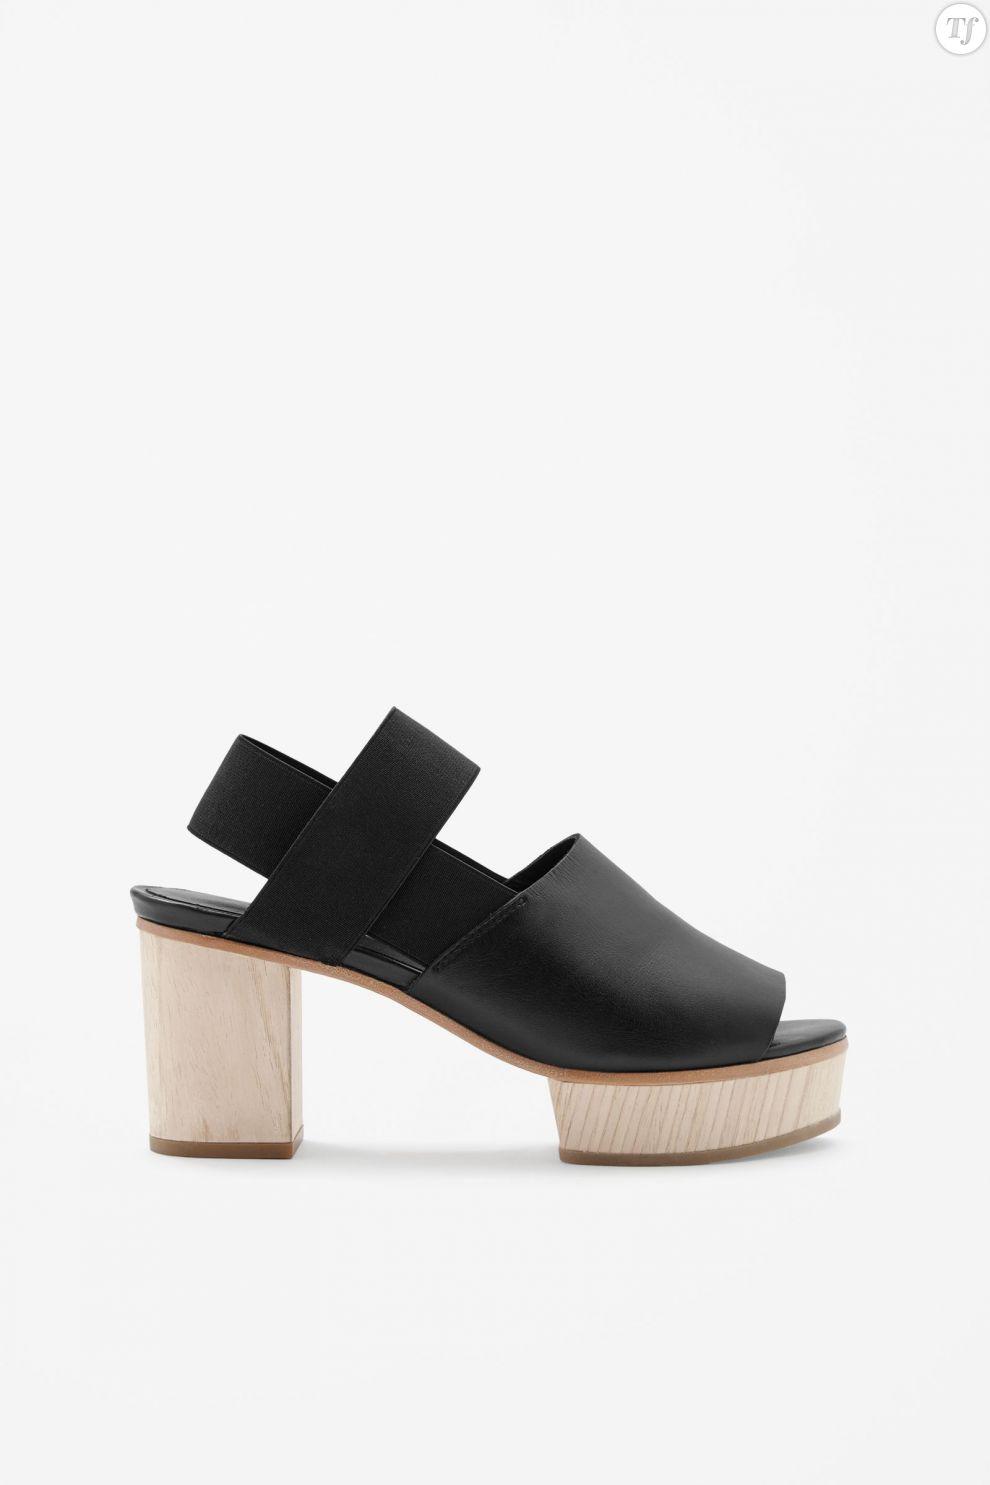 Sandales COS